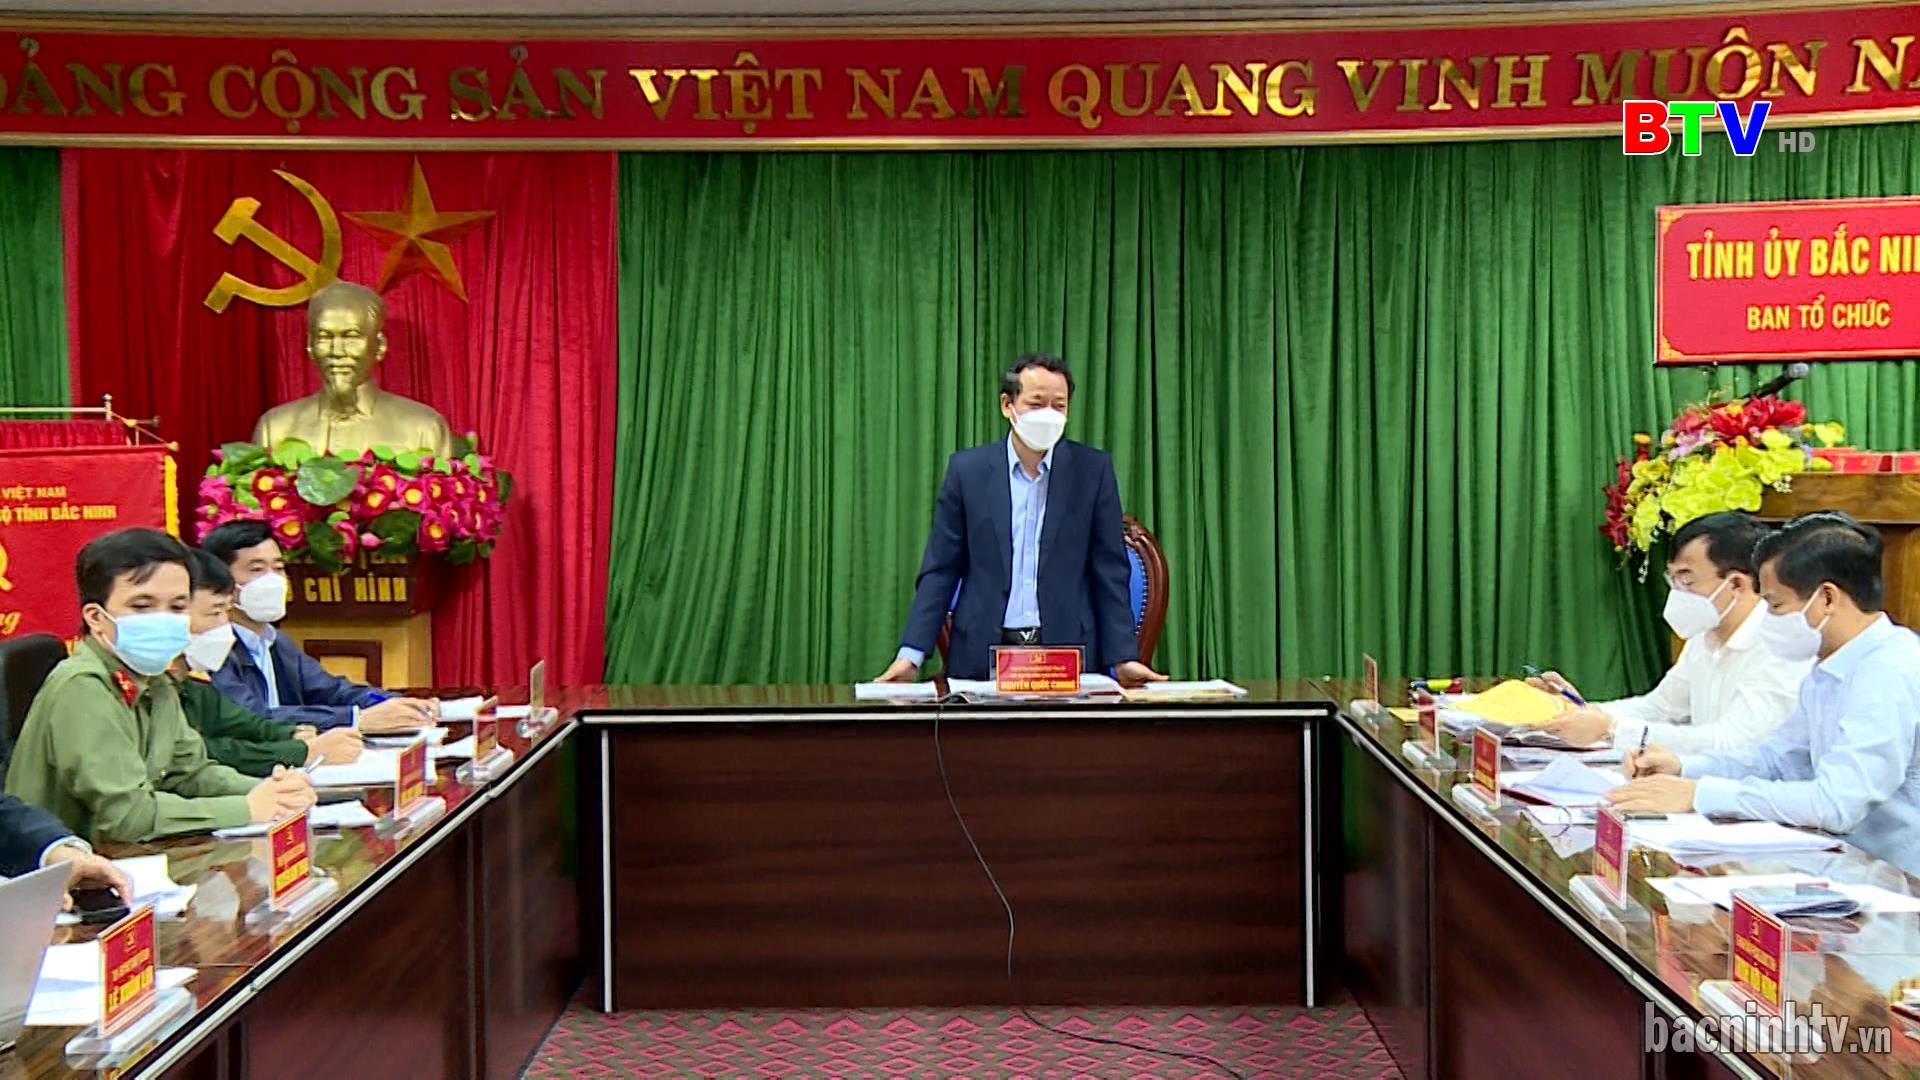 Triển khai tổ chức Lễ kỷ niệm 100 năm Ngày sinh đồng chí Lê Quang Đạo  và công bố Nghị quyết thành lập thành phố Từ Sơn